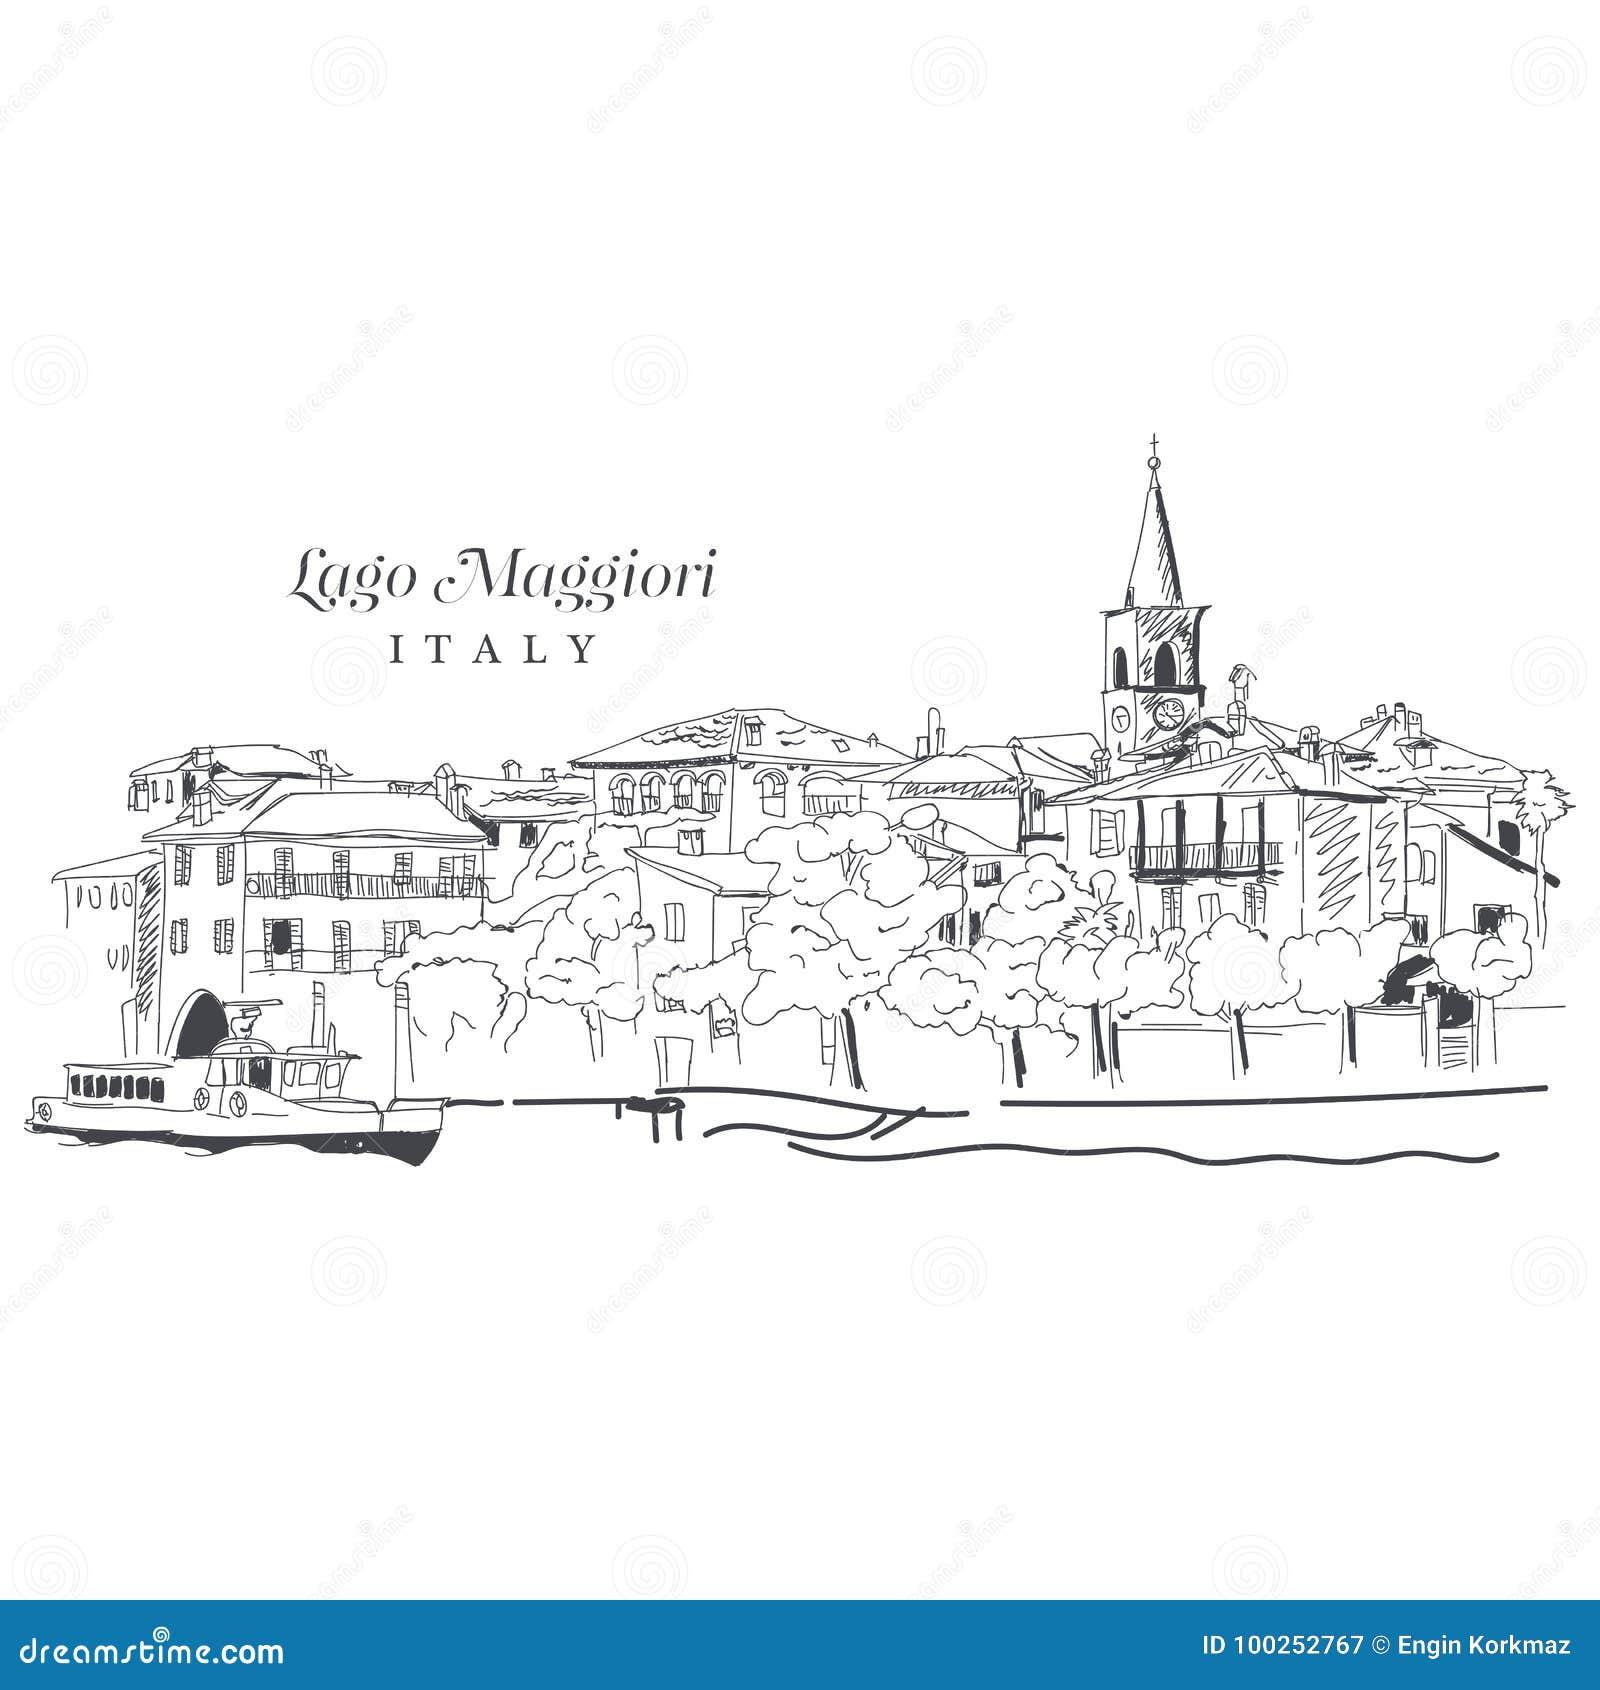 Dibujo digital a pulso de Lago Maggiore, Italia